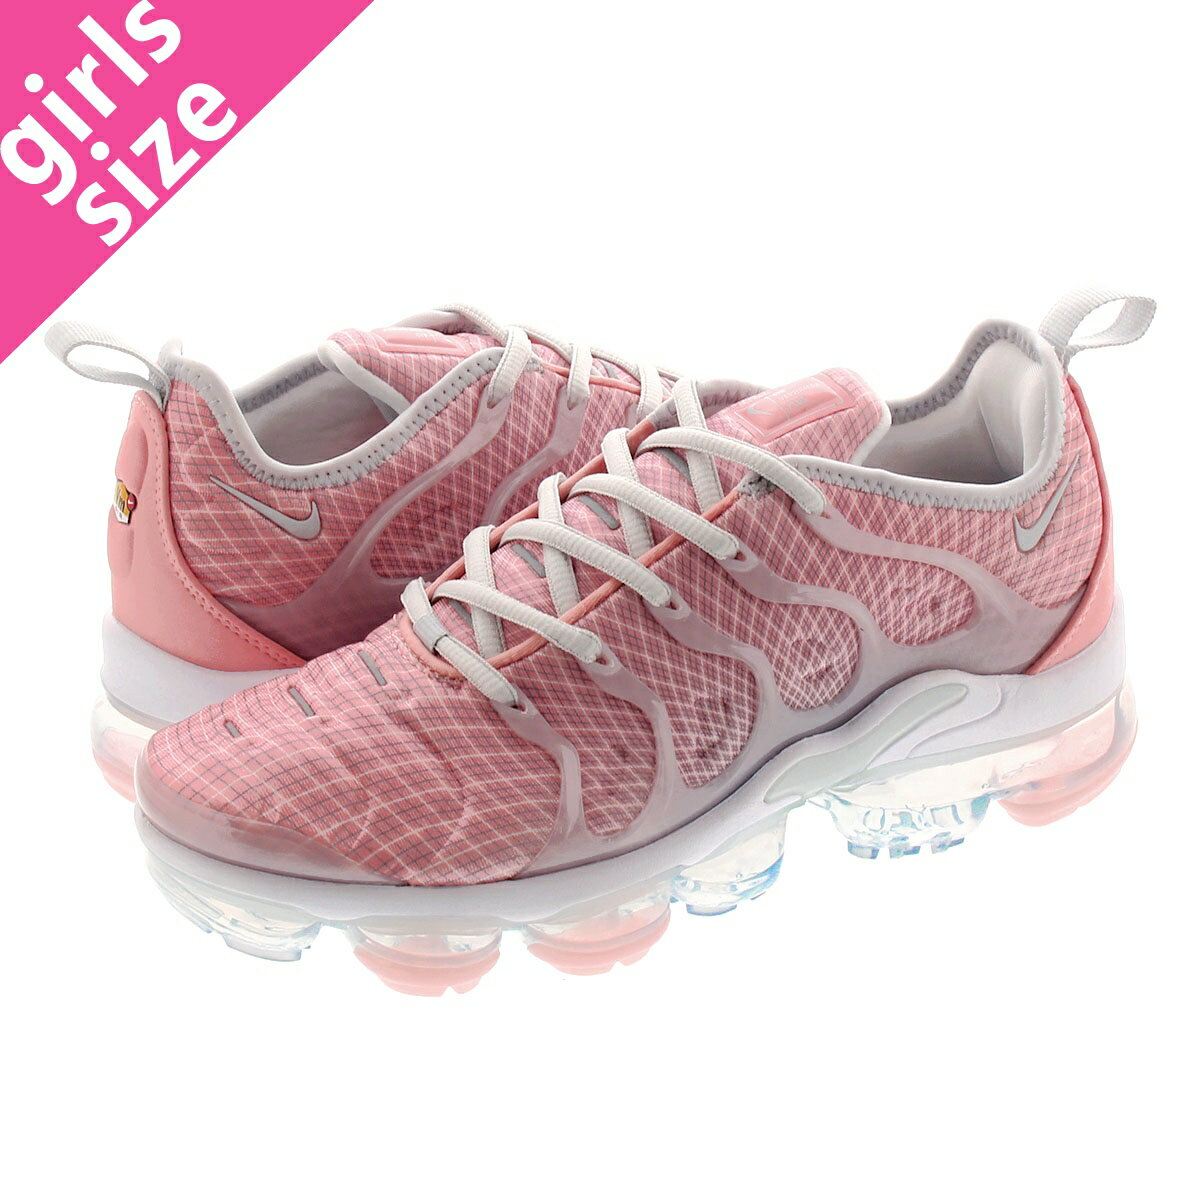 レディース靴, スニーカー  NIKE WMNS AIR VAPORMAX PLUS CORALPLATINUM ao4550-603